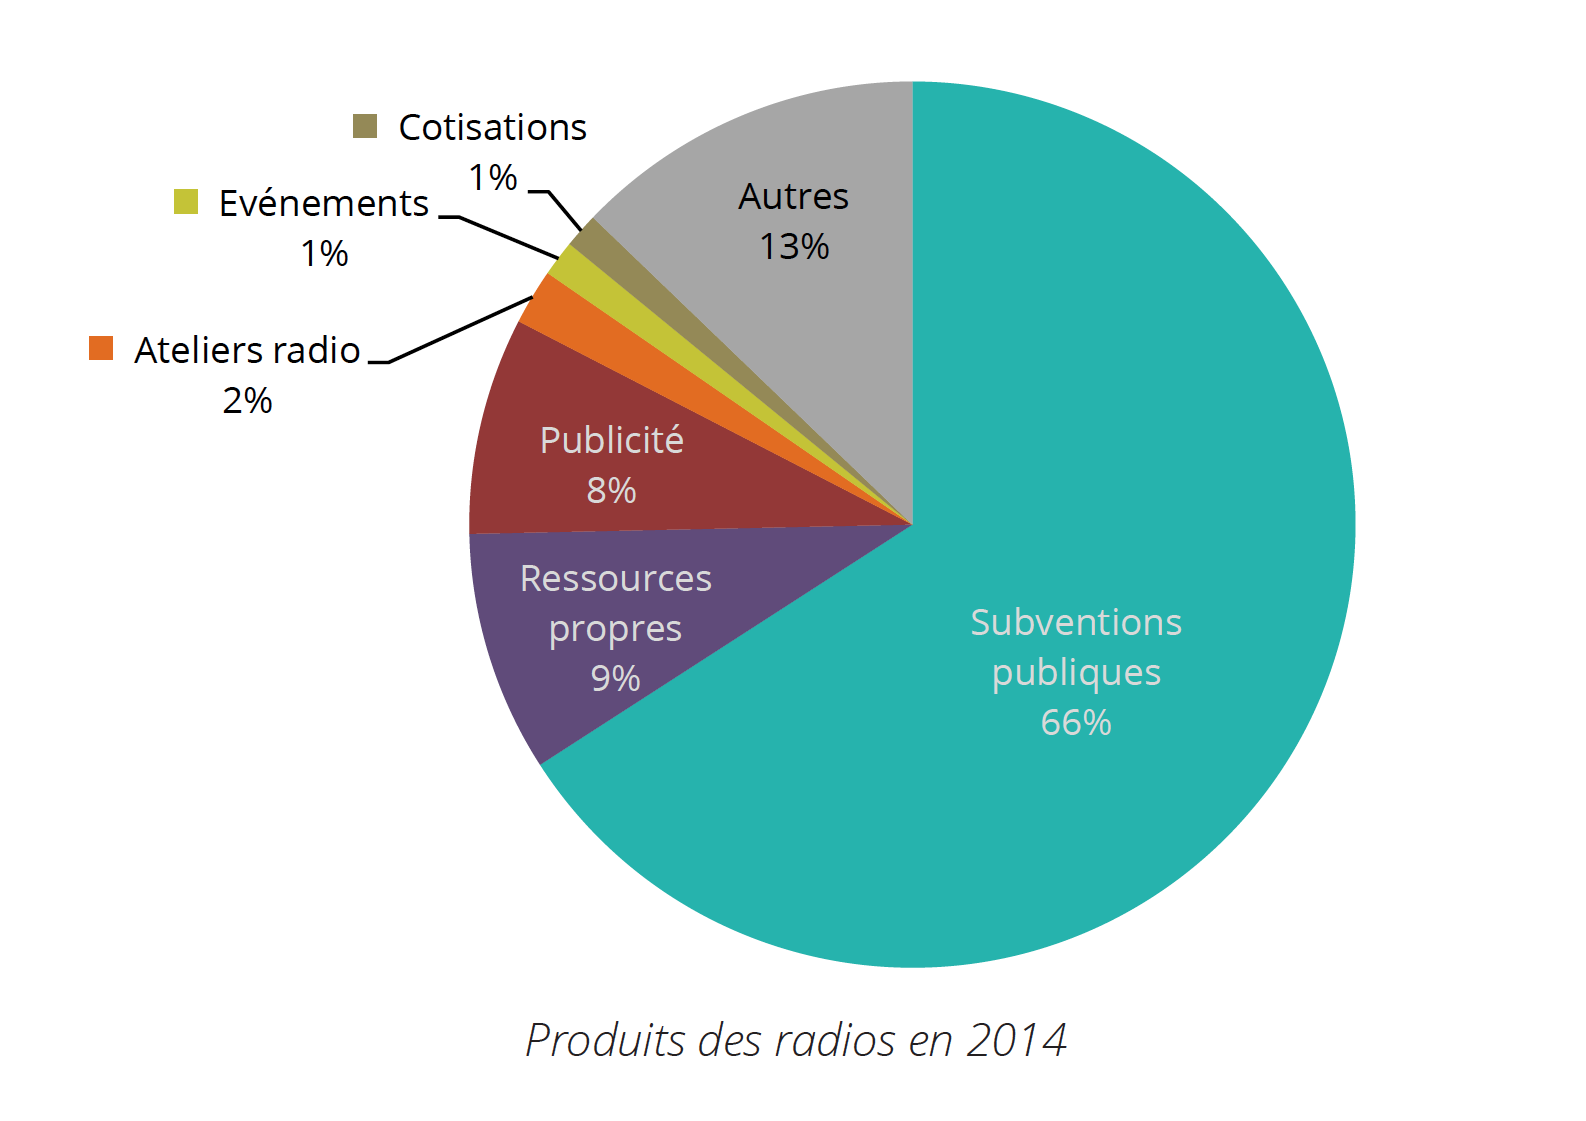 Le produit total des radios de la frap s'élève à 2 993 457 € en 2014 (3 107 167 € en 2013). Les radios associatives fonctionnent grâce aux subventions publiques qui représentent 66 % de leurs ressources avec 1 970 896 €